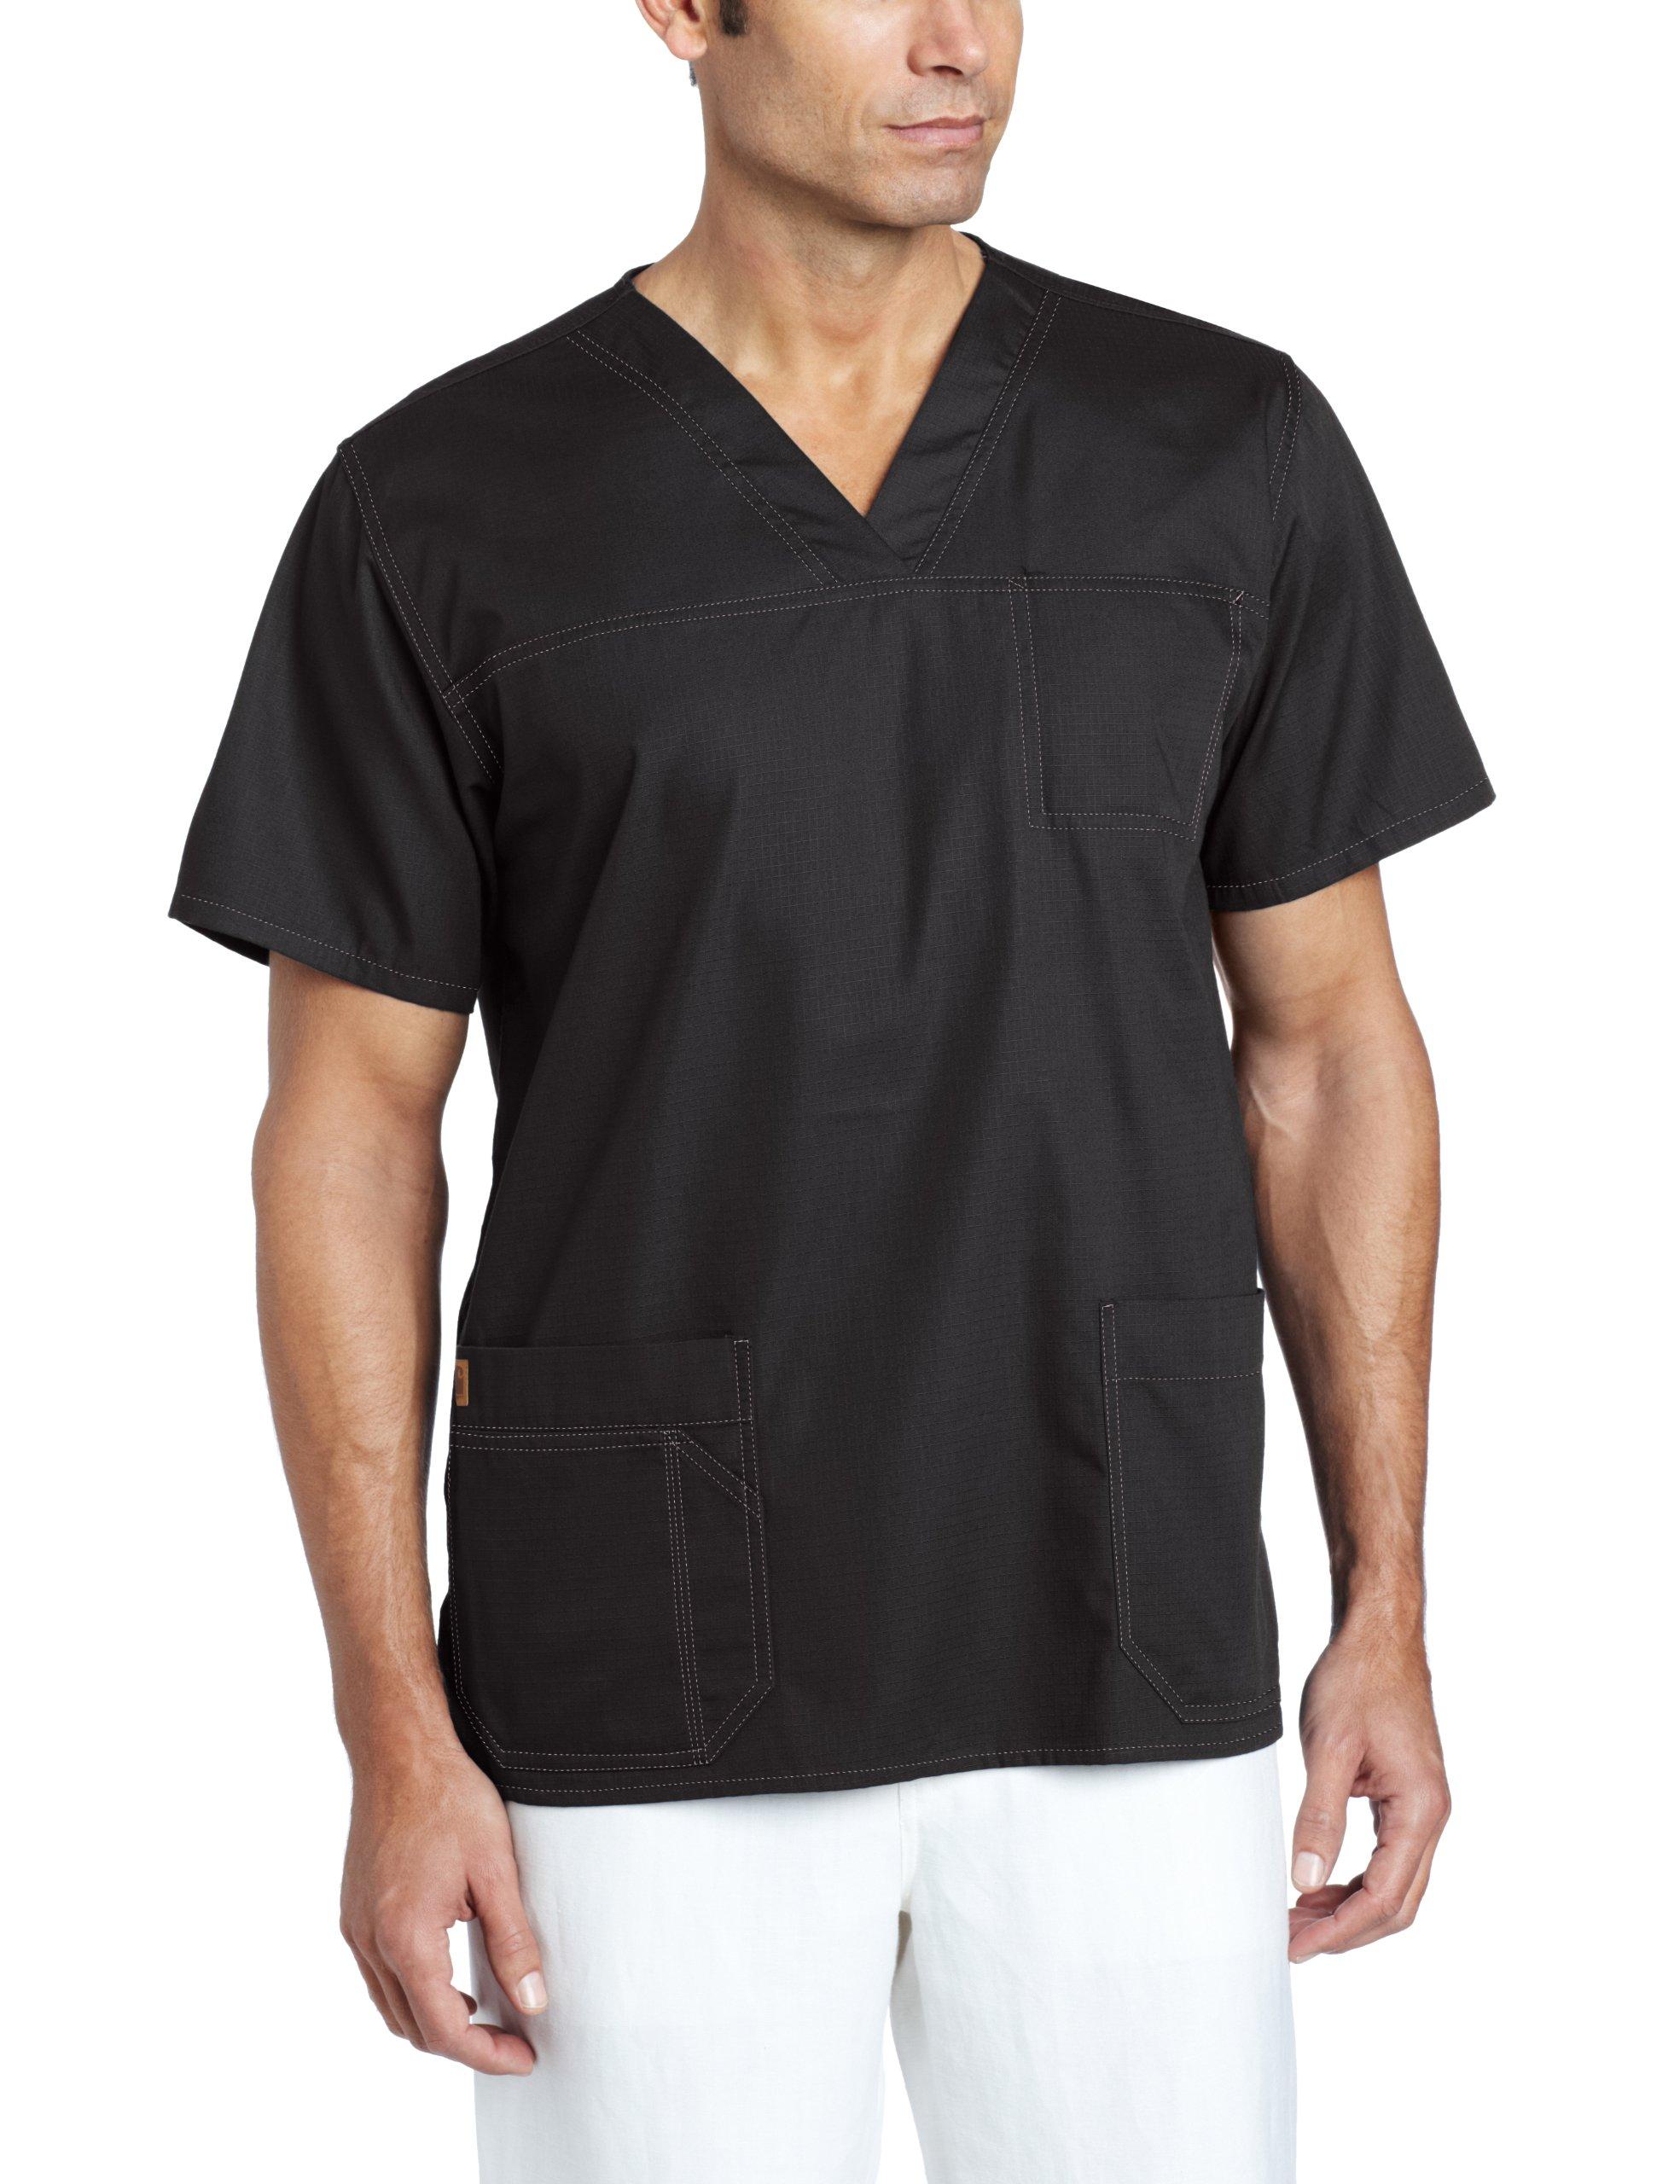 Carhartt Men's Ripstop Multi Pocket Scrub Top, Black, Medium